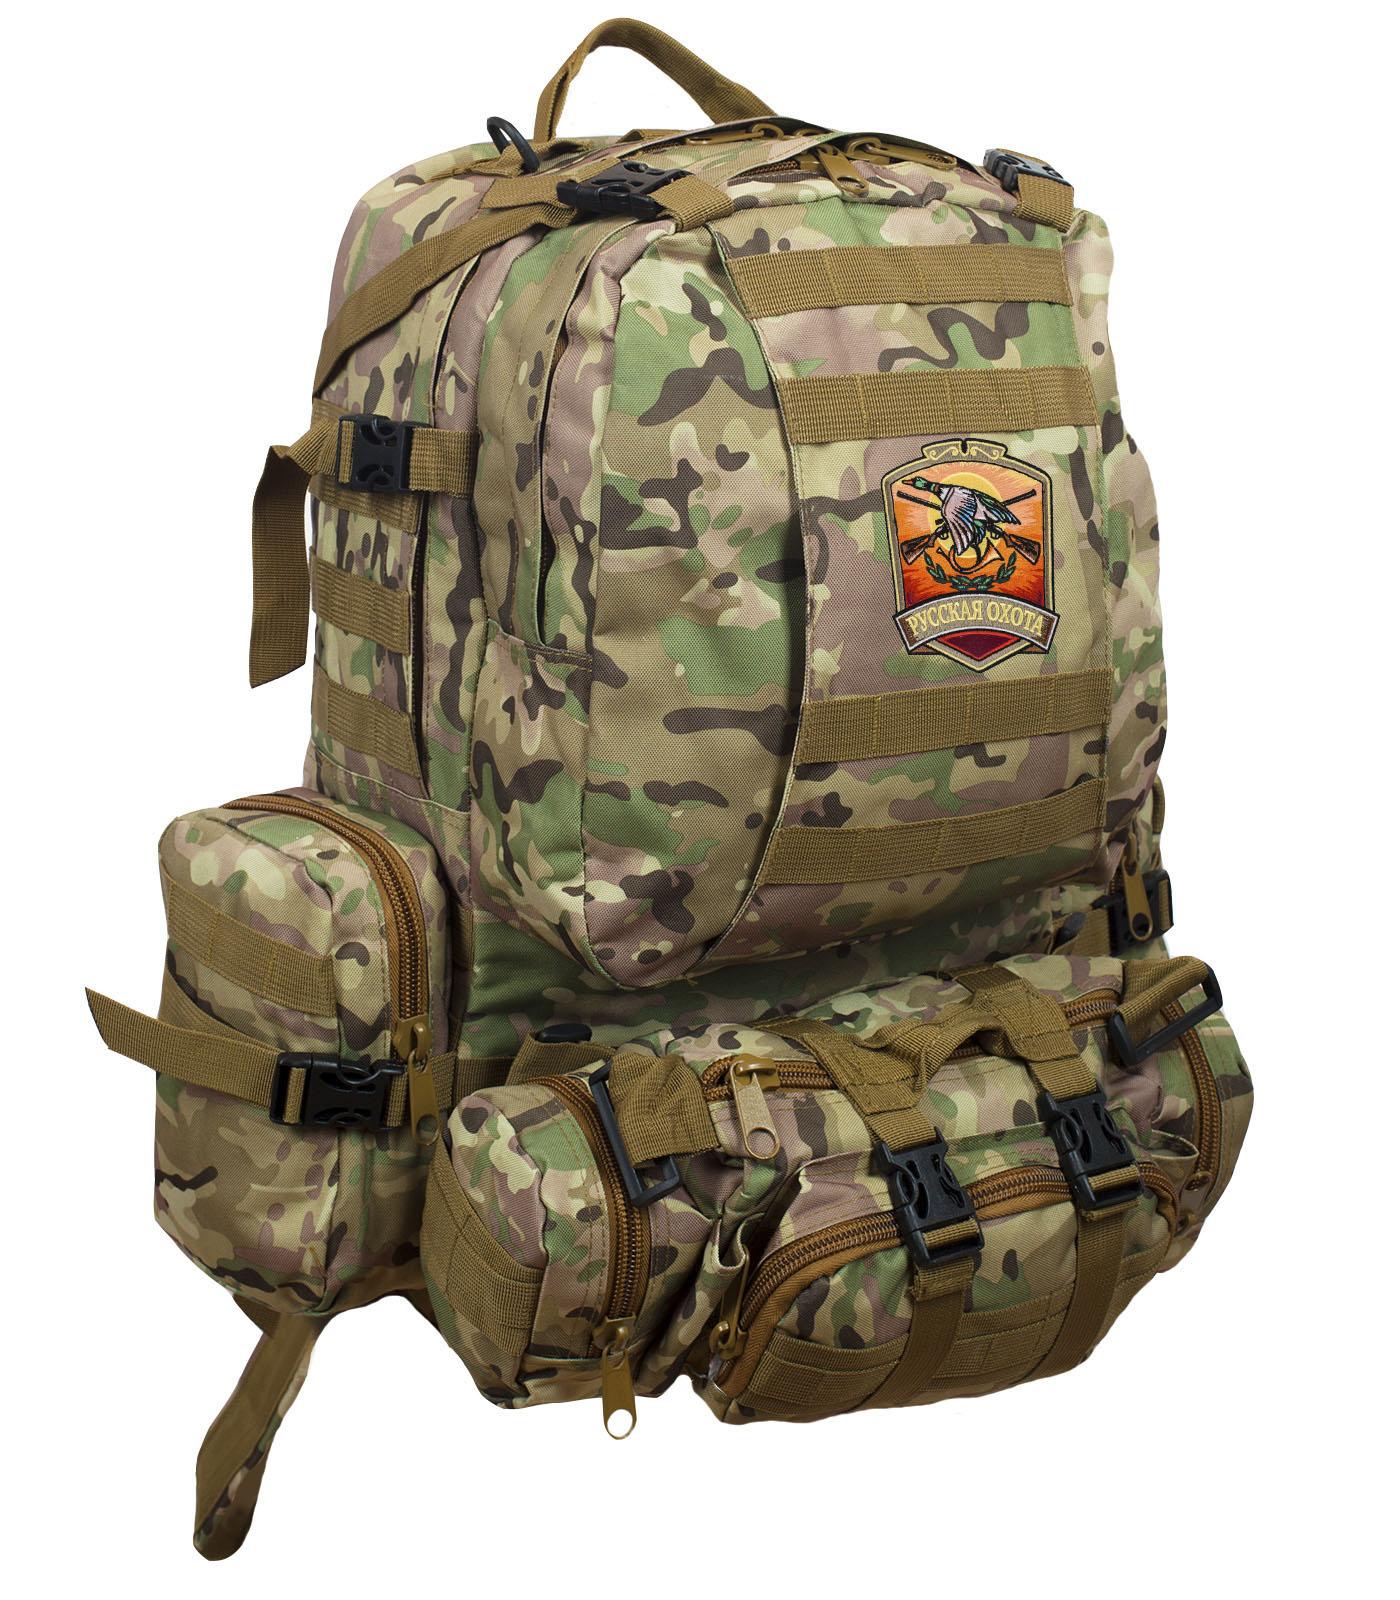 Функциональный охотничий рюкзак Русская Охота от ТМ US Assault